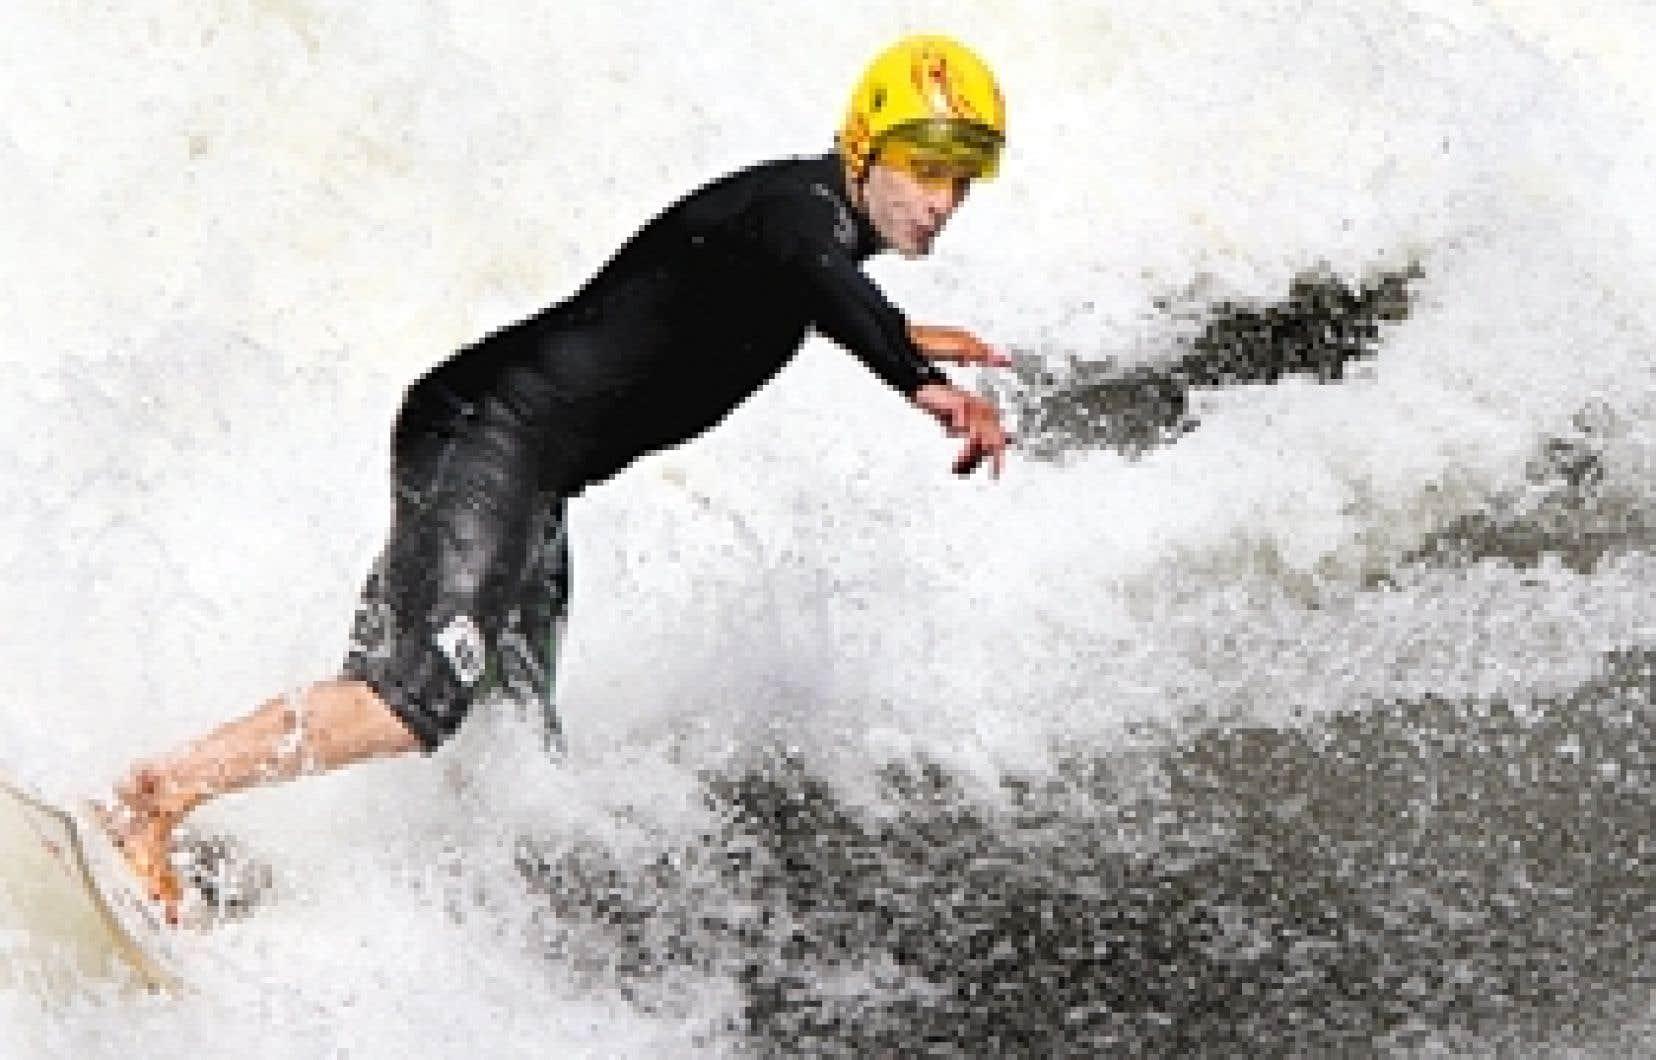 Les surfeurs et kayakistes prolifèrent dans la région de Montréal.